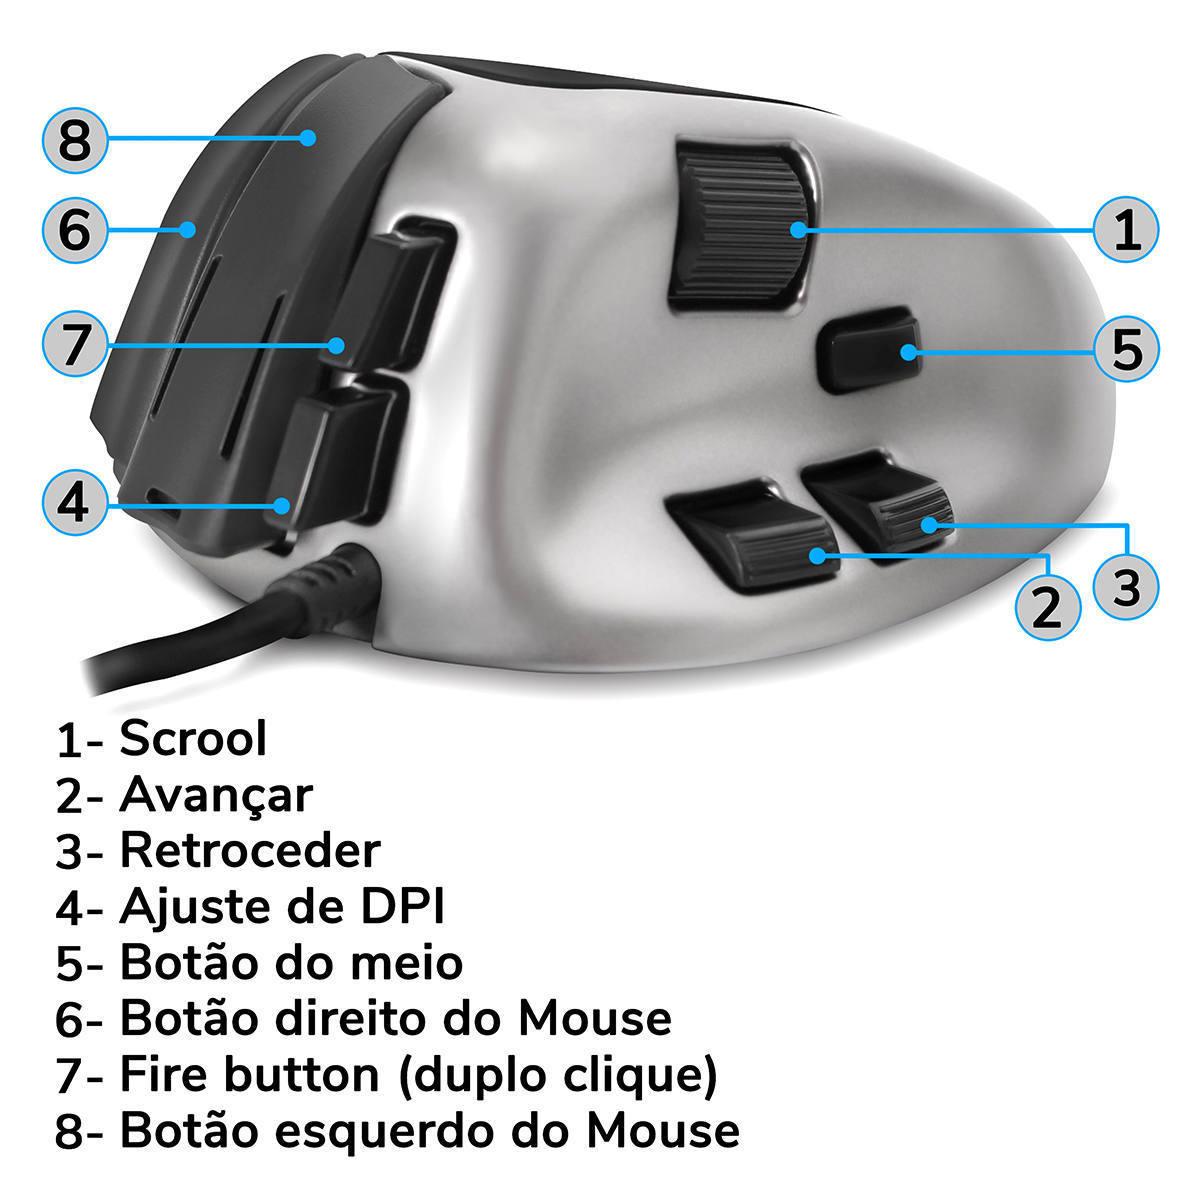 Mouse Gamer 7 Botões Ultra-Fast 1ms Double Fire Pegadas Claw Grip e Fingertip Adamantiun Weapon X ADX-500